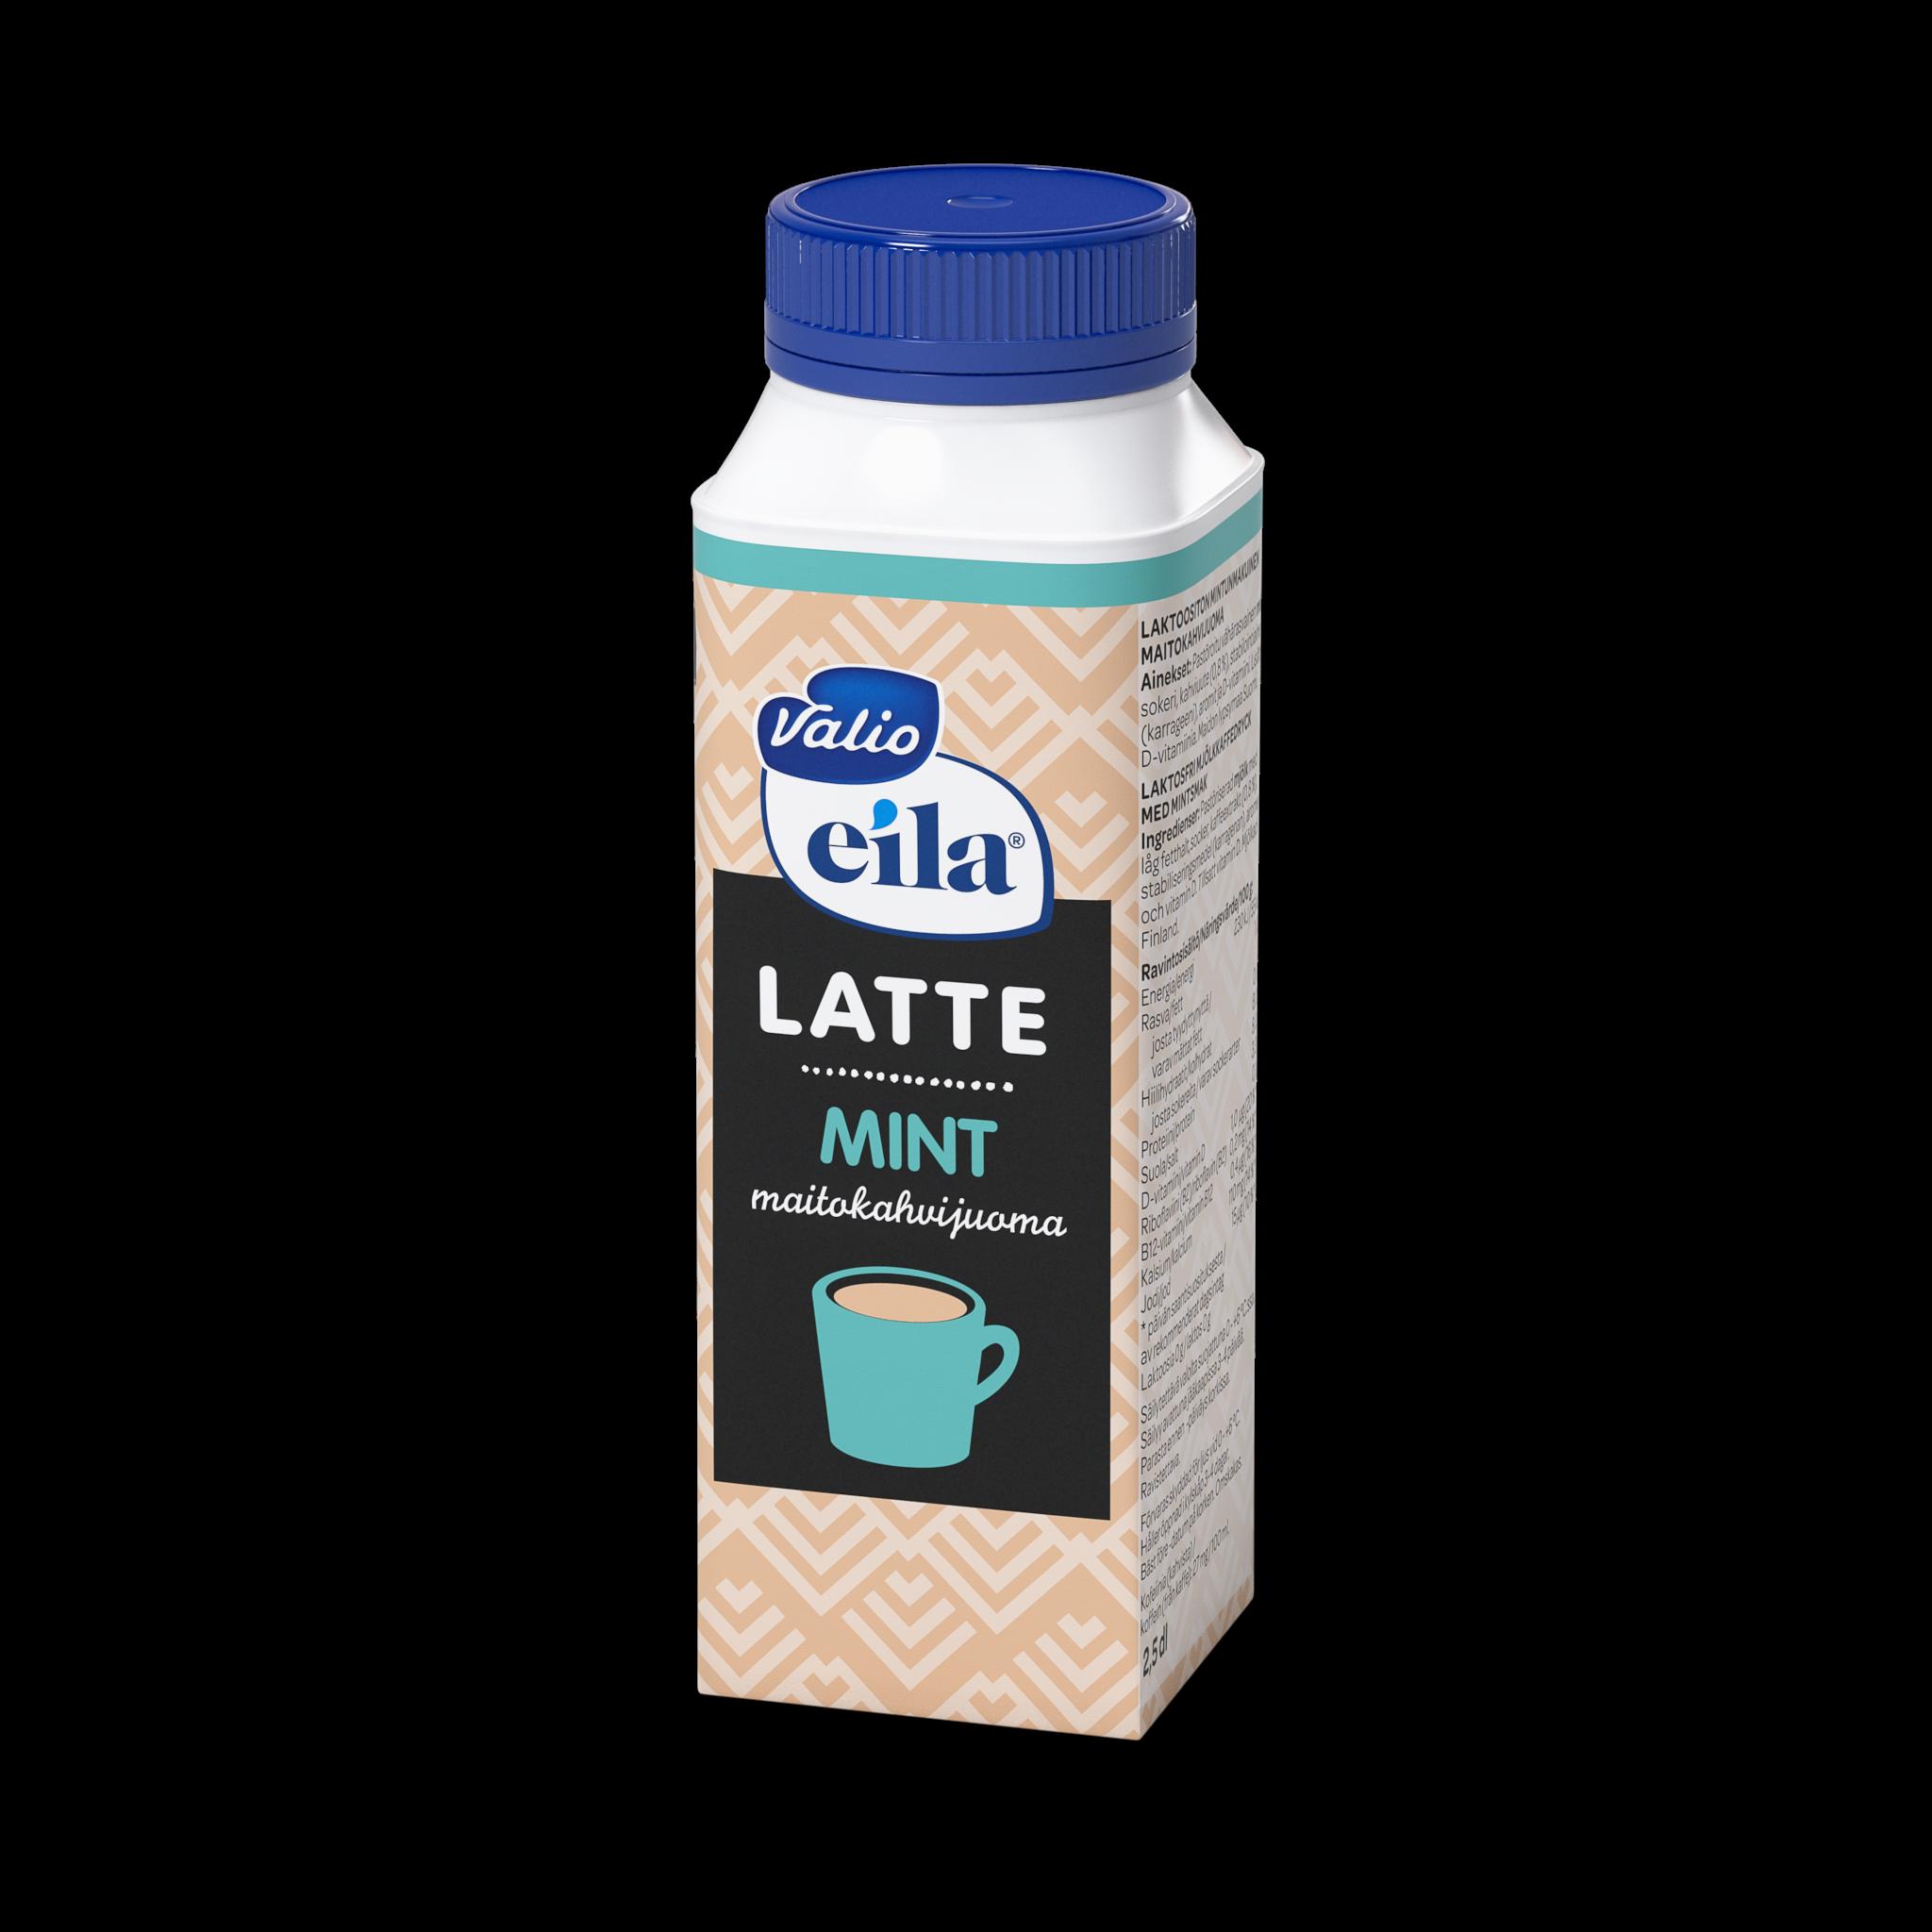 Valio Eila® Latte minttu maitokahvijuoma